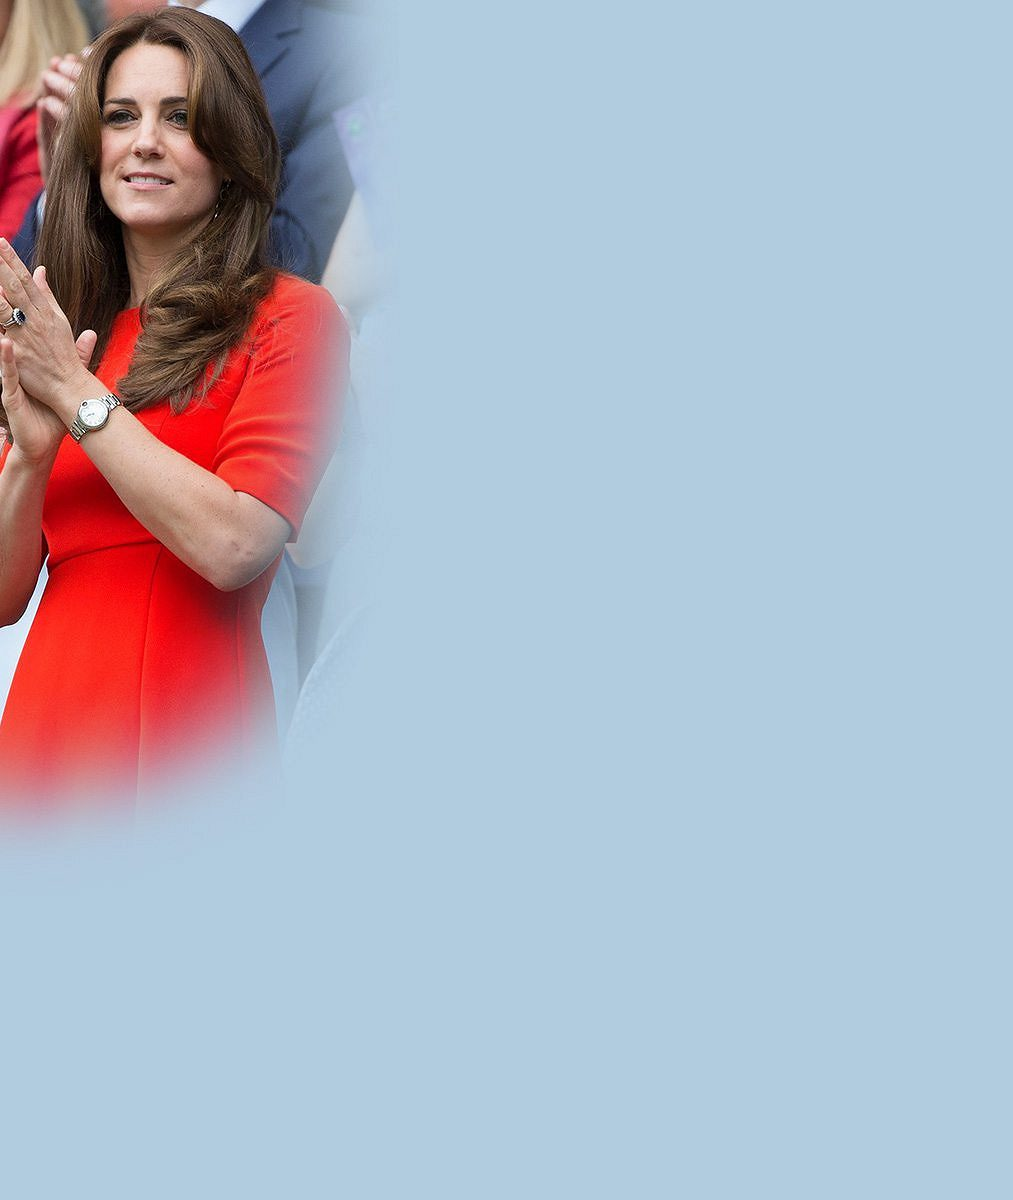 Princ William poctil Wimbledon návštěvou i s manželkou Kate štíhlou jako proutek